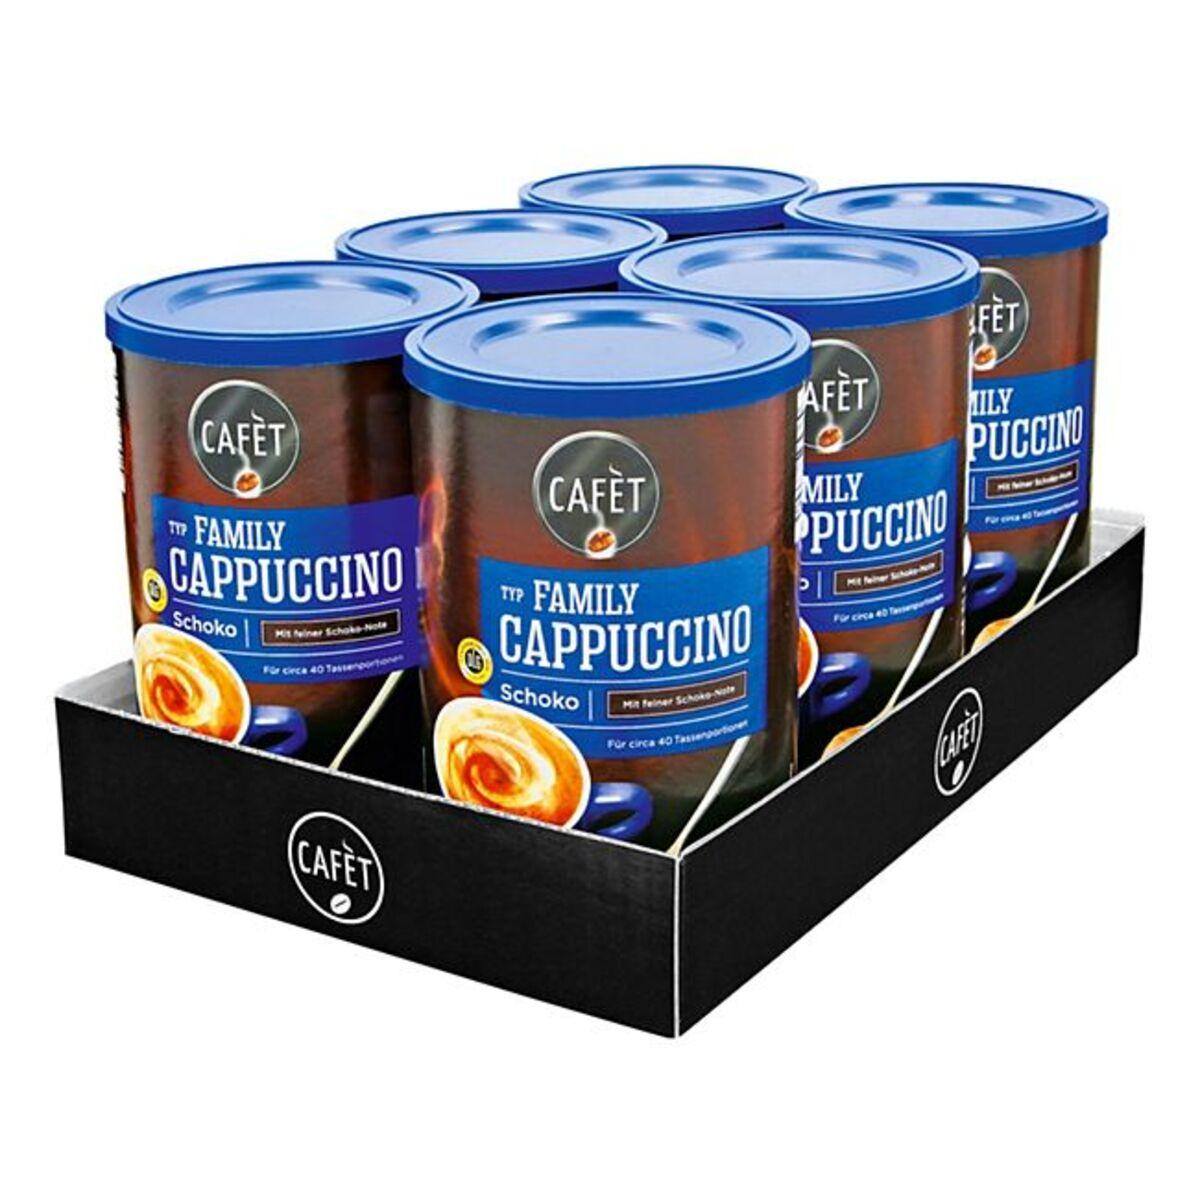 Bild 1 von Cafet Cappuccino Schoko 500 g, 6er Pack